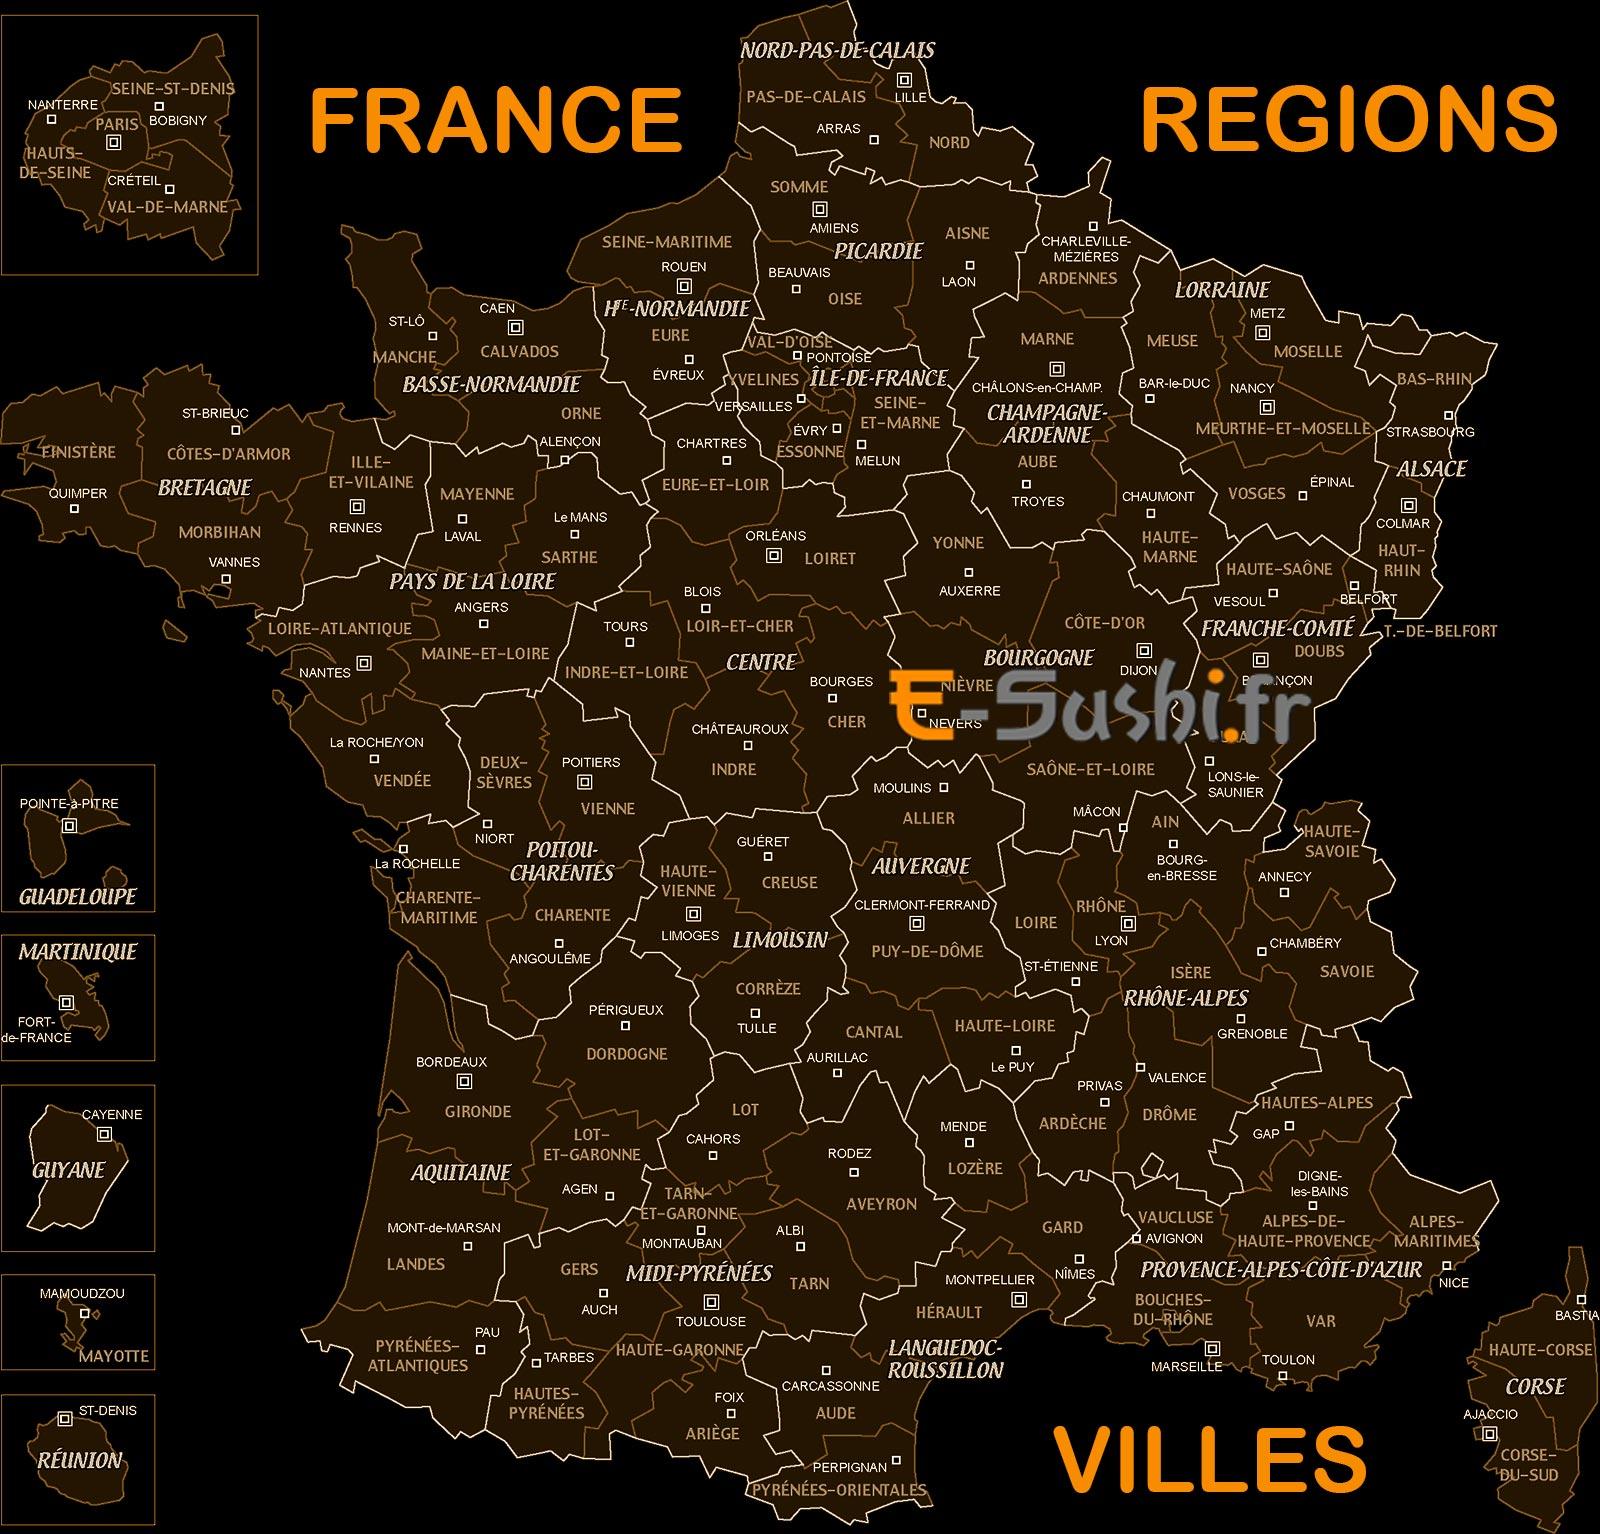 La France - Carte des régions et villes